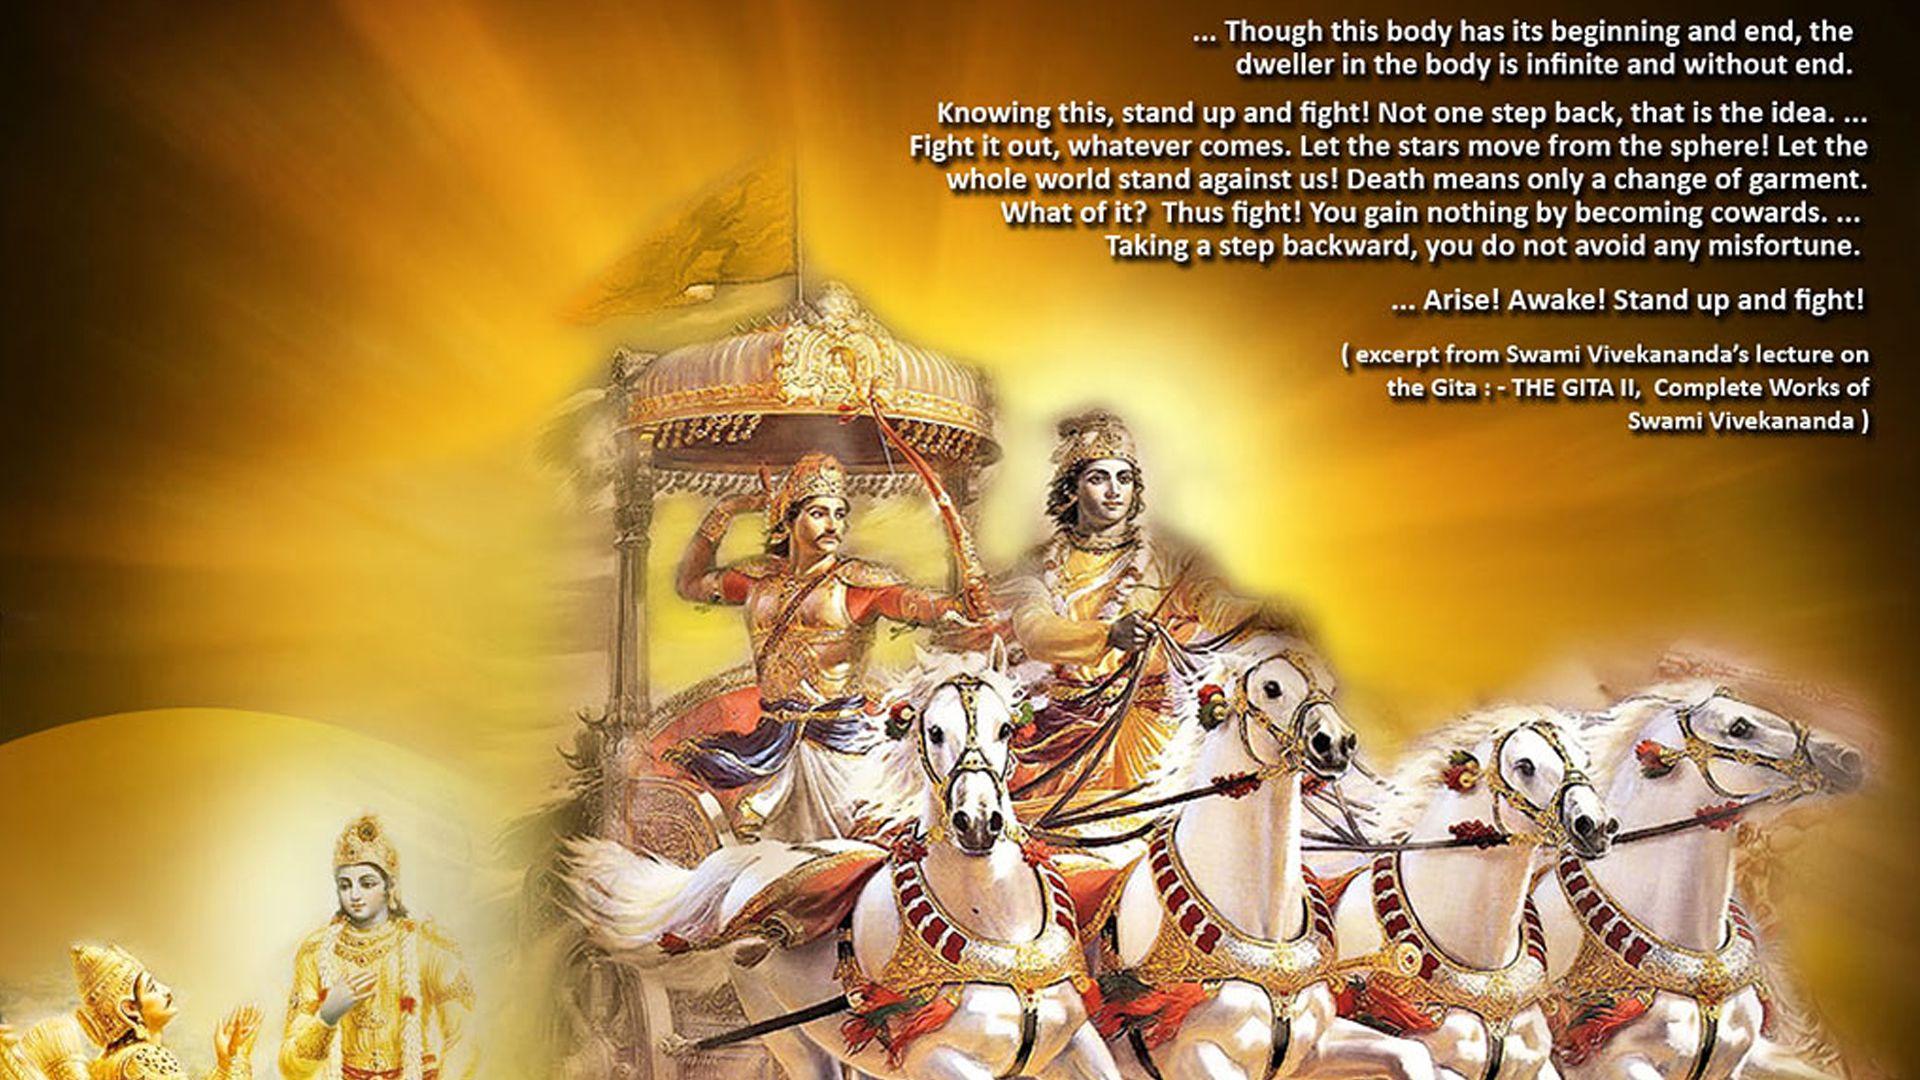 Krishna Arjuna Chariot Wallpaper